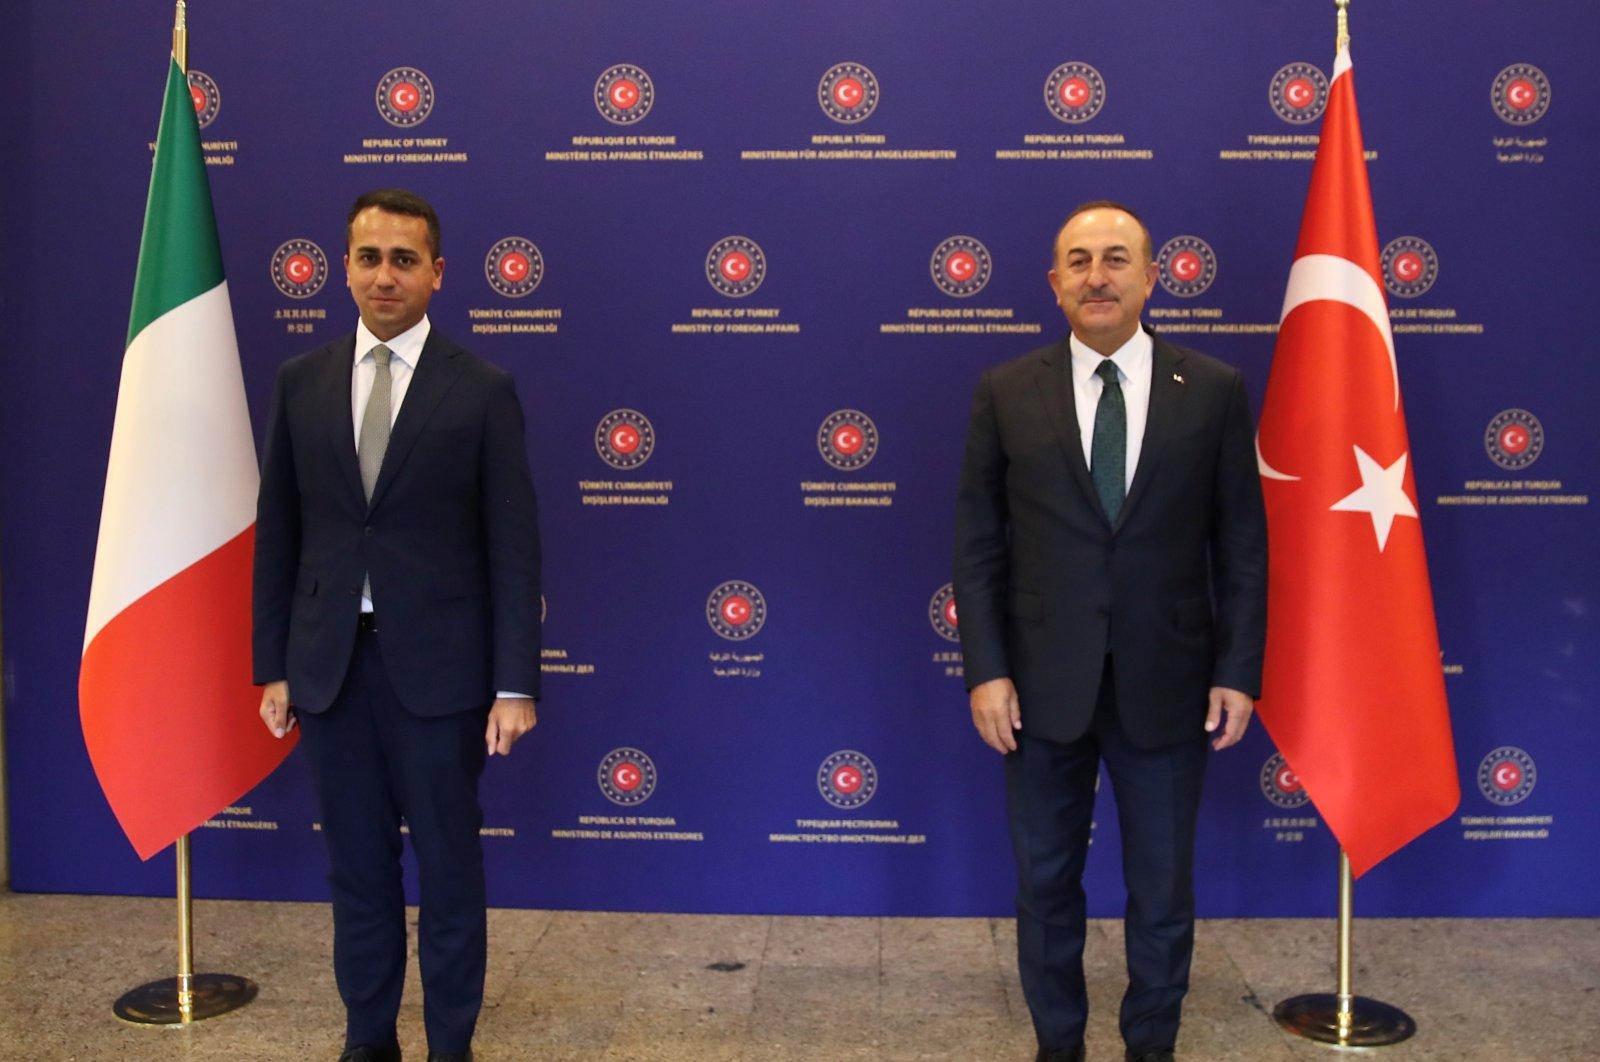 Τουρκία: Συνάντηση Cavusoglu- Di Maio